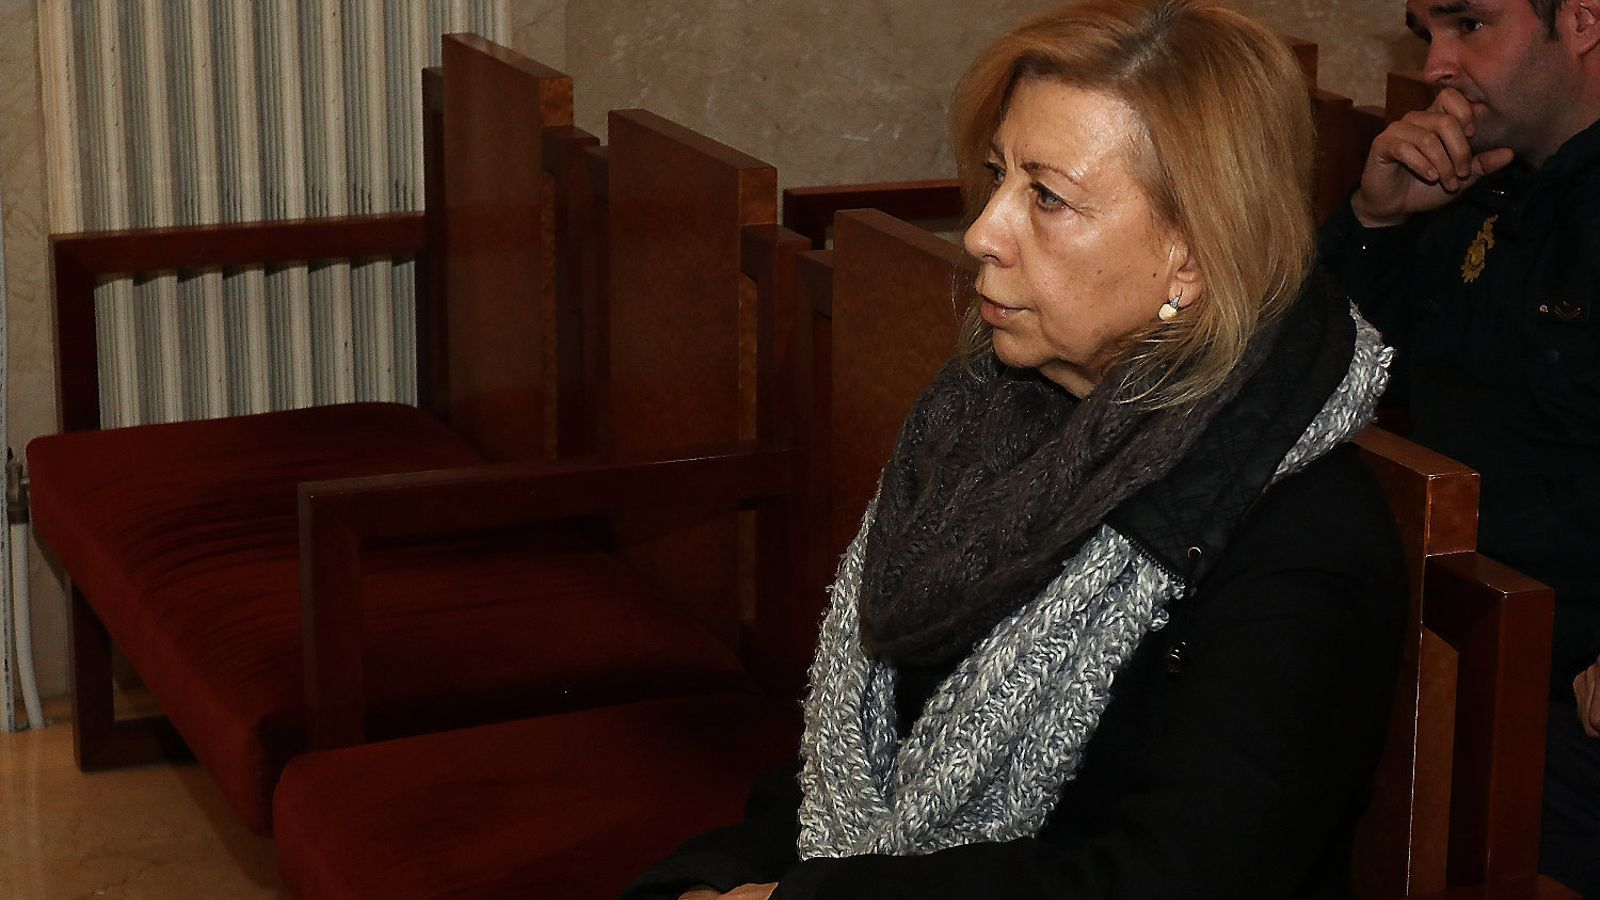 Maria Antònia Munar, expresidenta del Consell de Mallorca, a la recerca d'un darrer acord per tancar sense més presó els seus casos de corrupció.